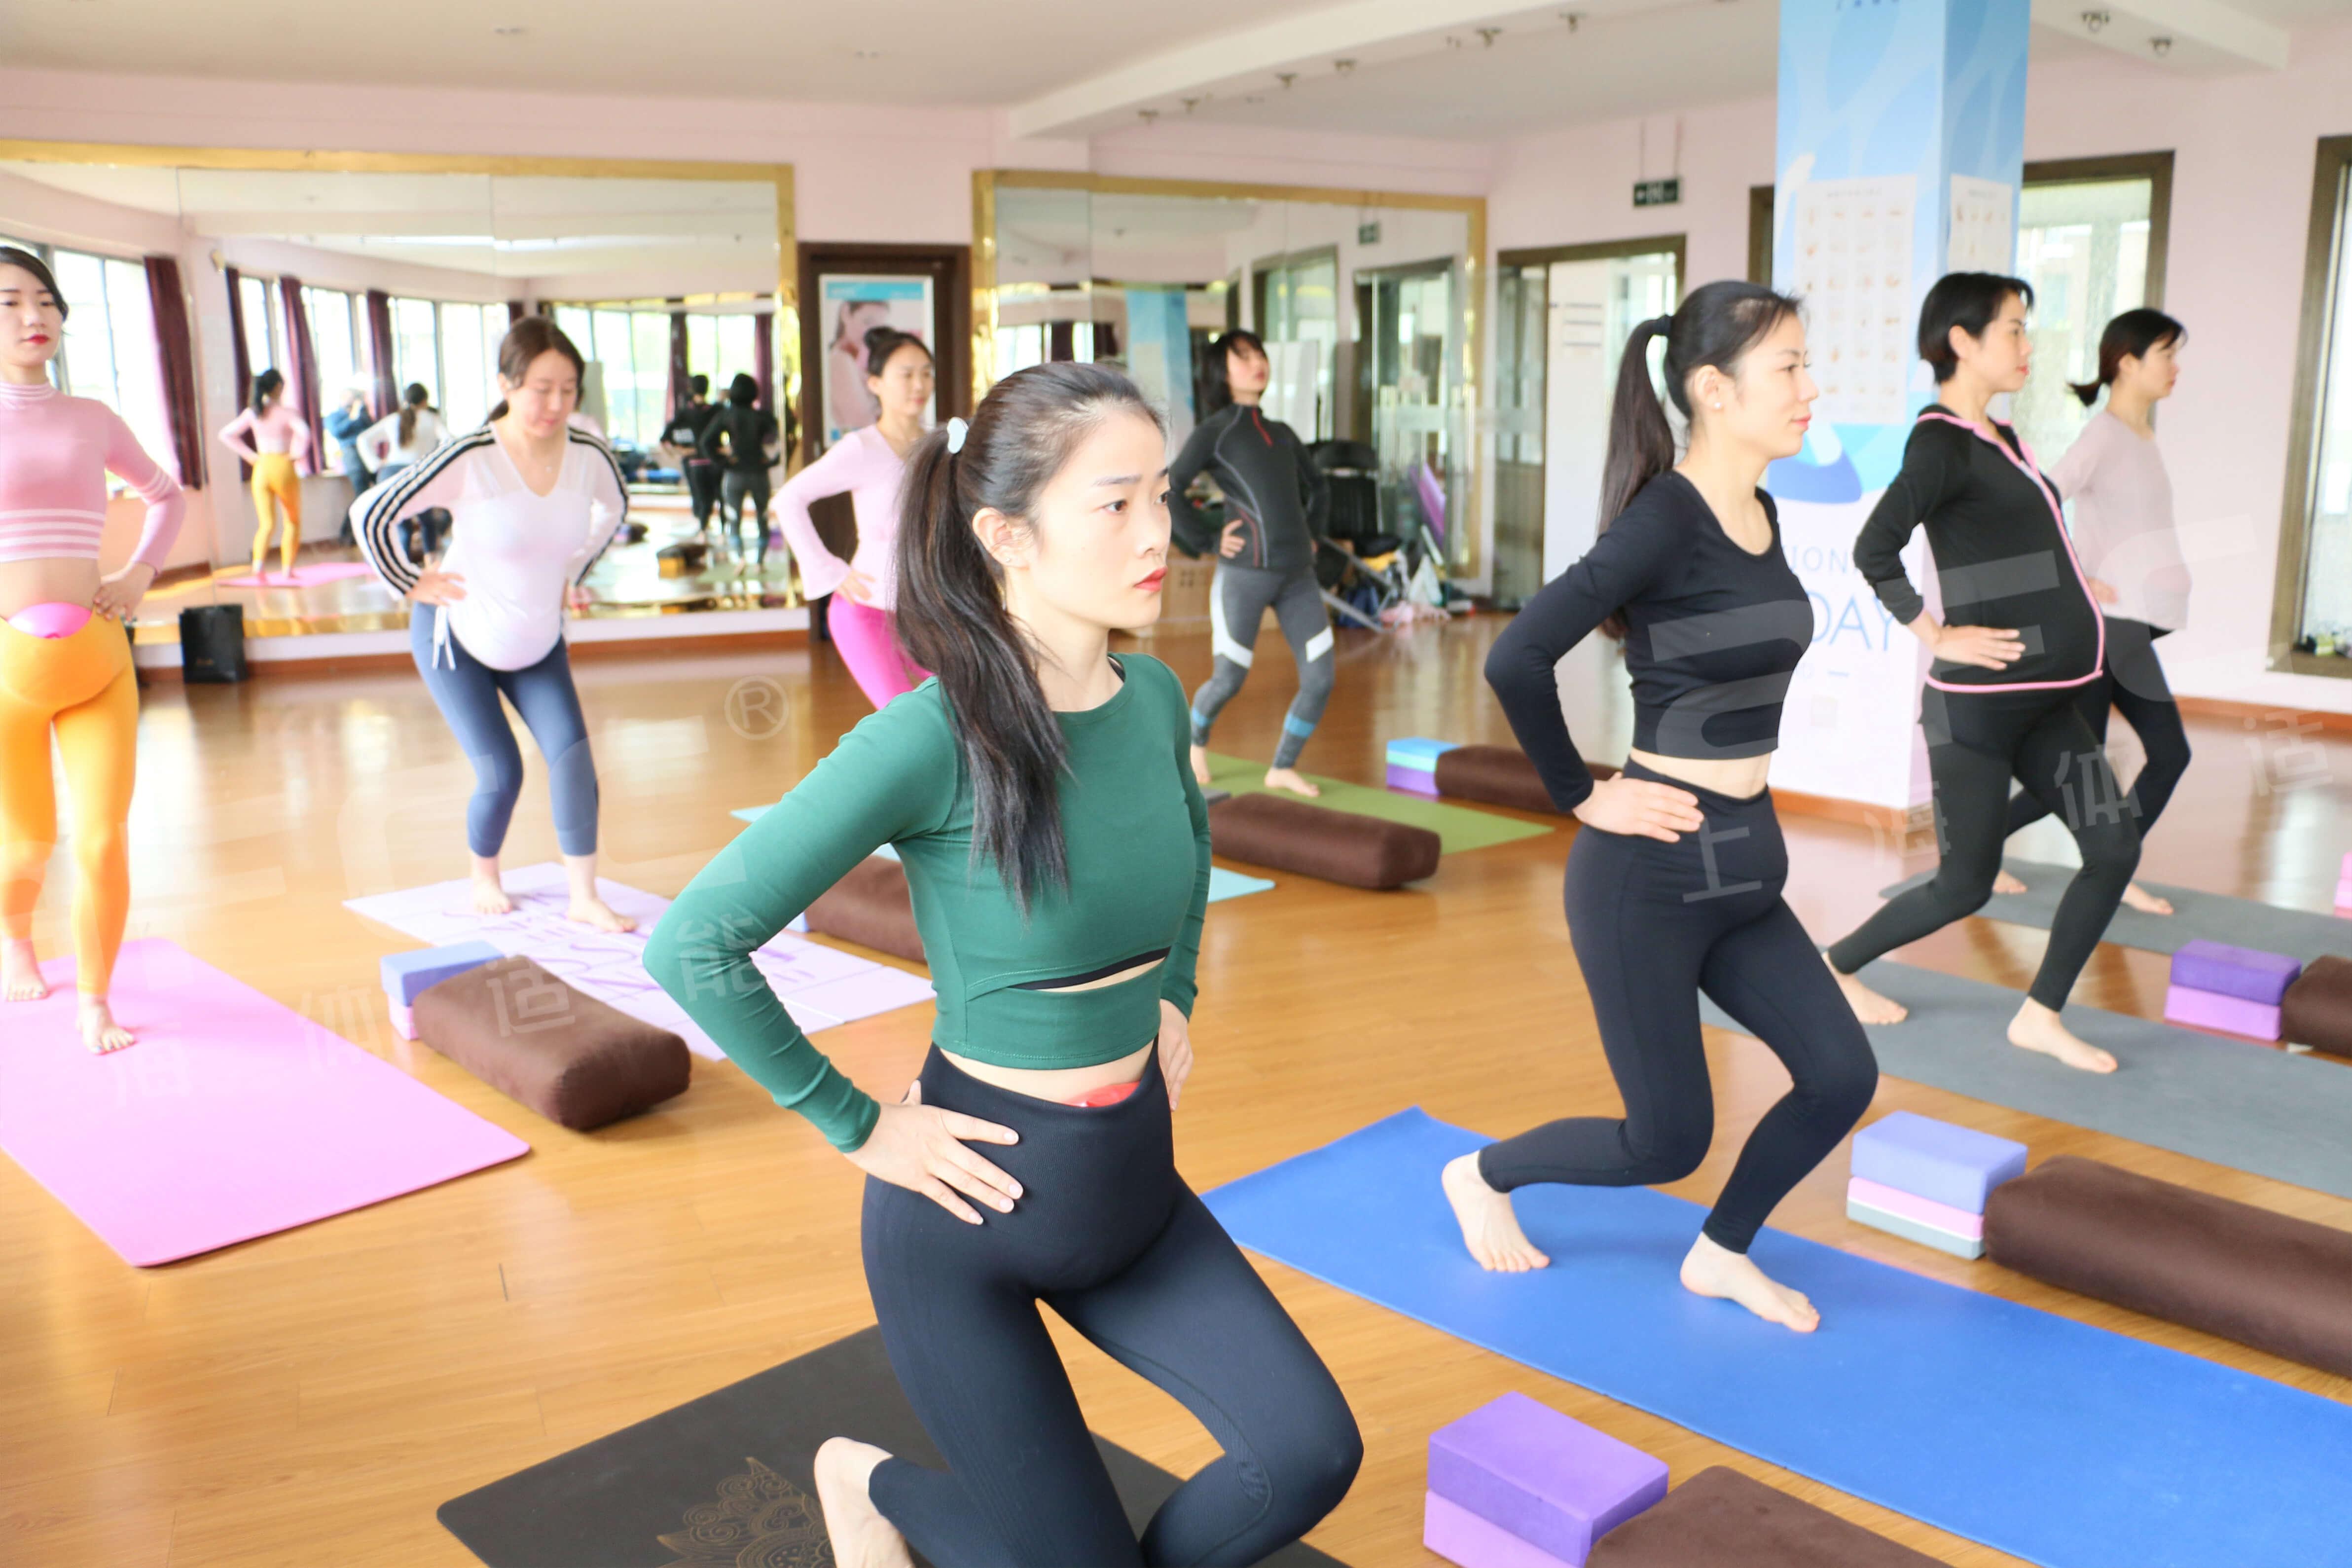 .瑜伽教练排课率高,无论在健身会所还是瑜伽馆,瑜伽都是受欢迎的课程,上课率极高